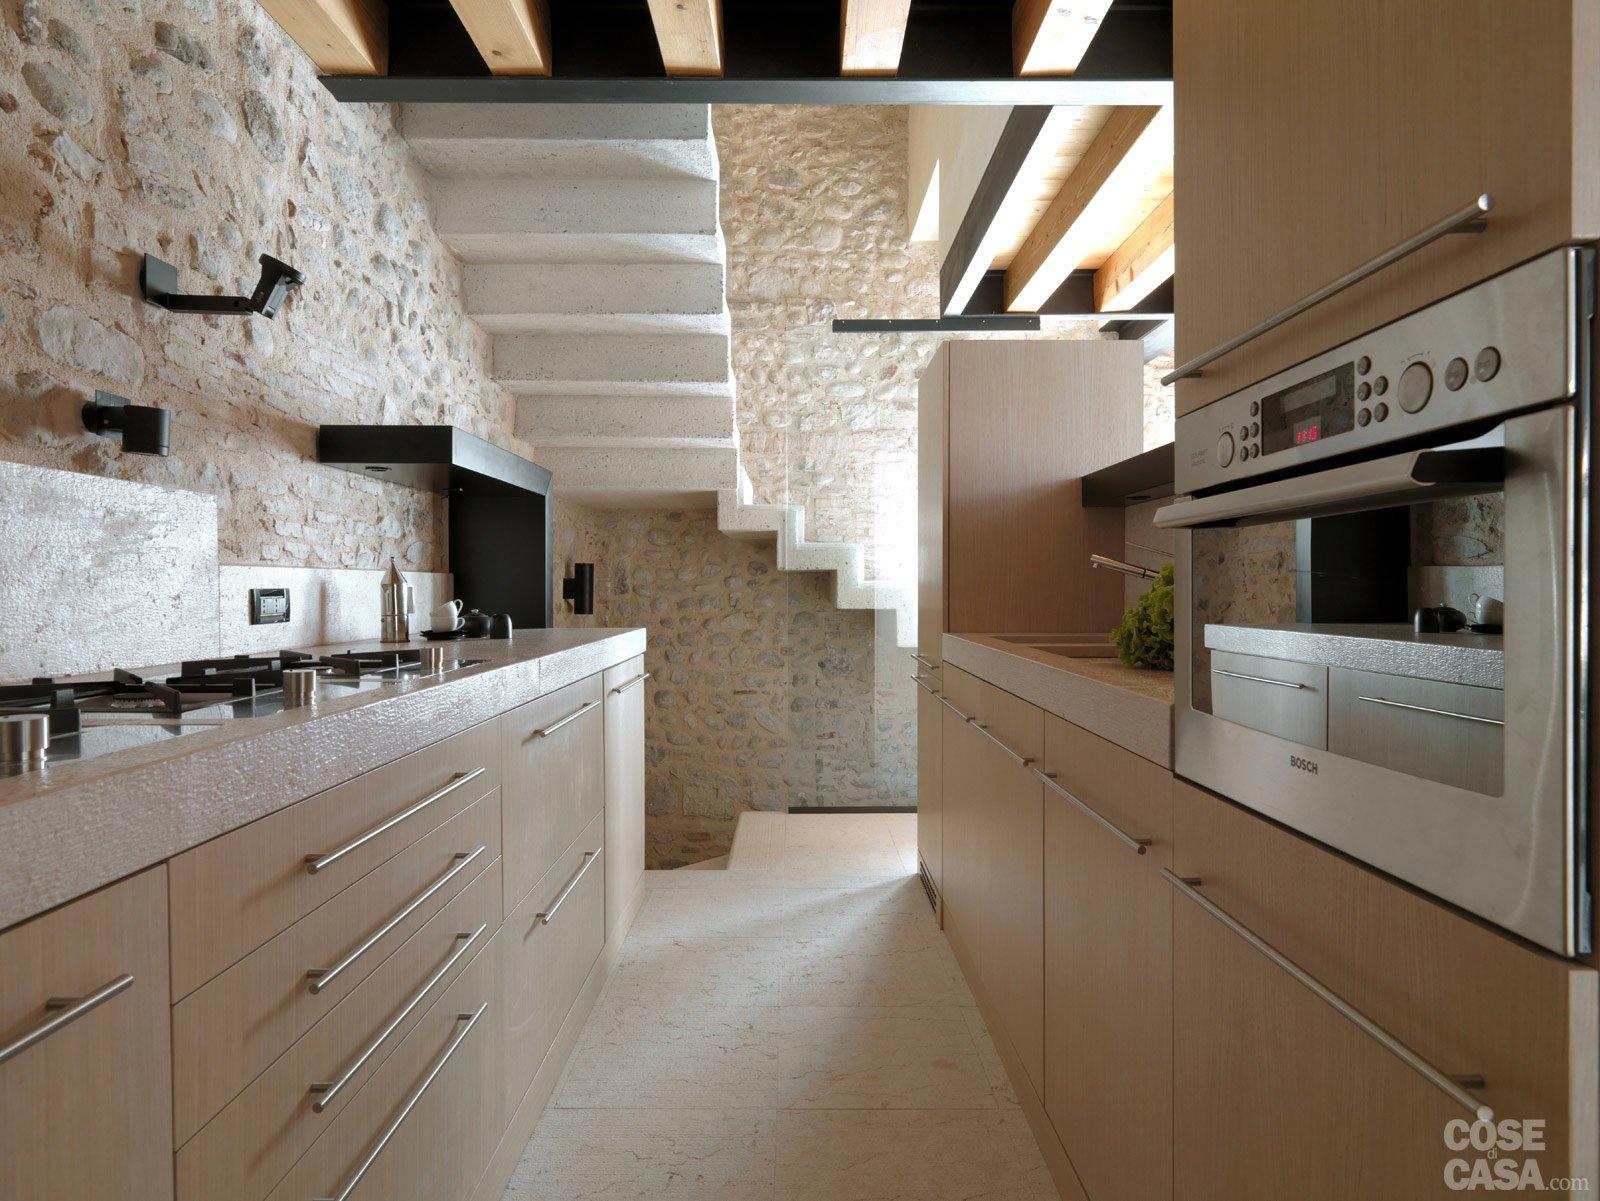 Faretti Corridoio Distanza: Faretti tetto in legno interior design progettazi...